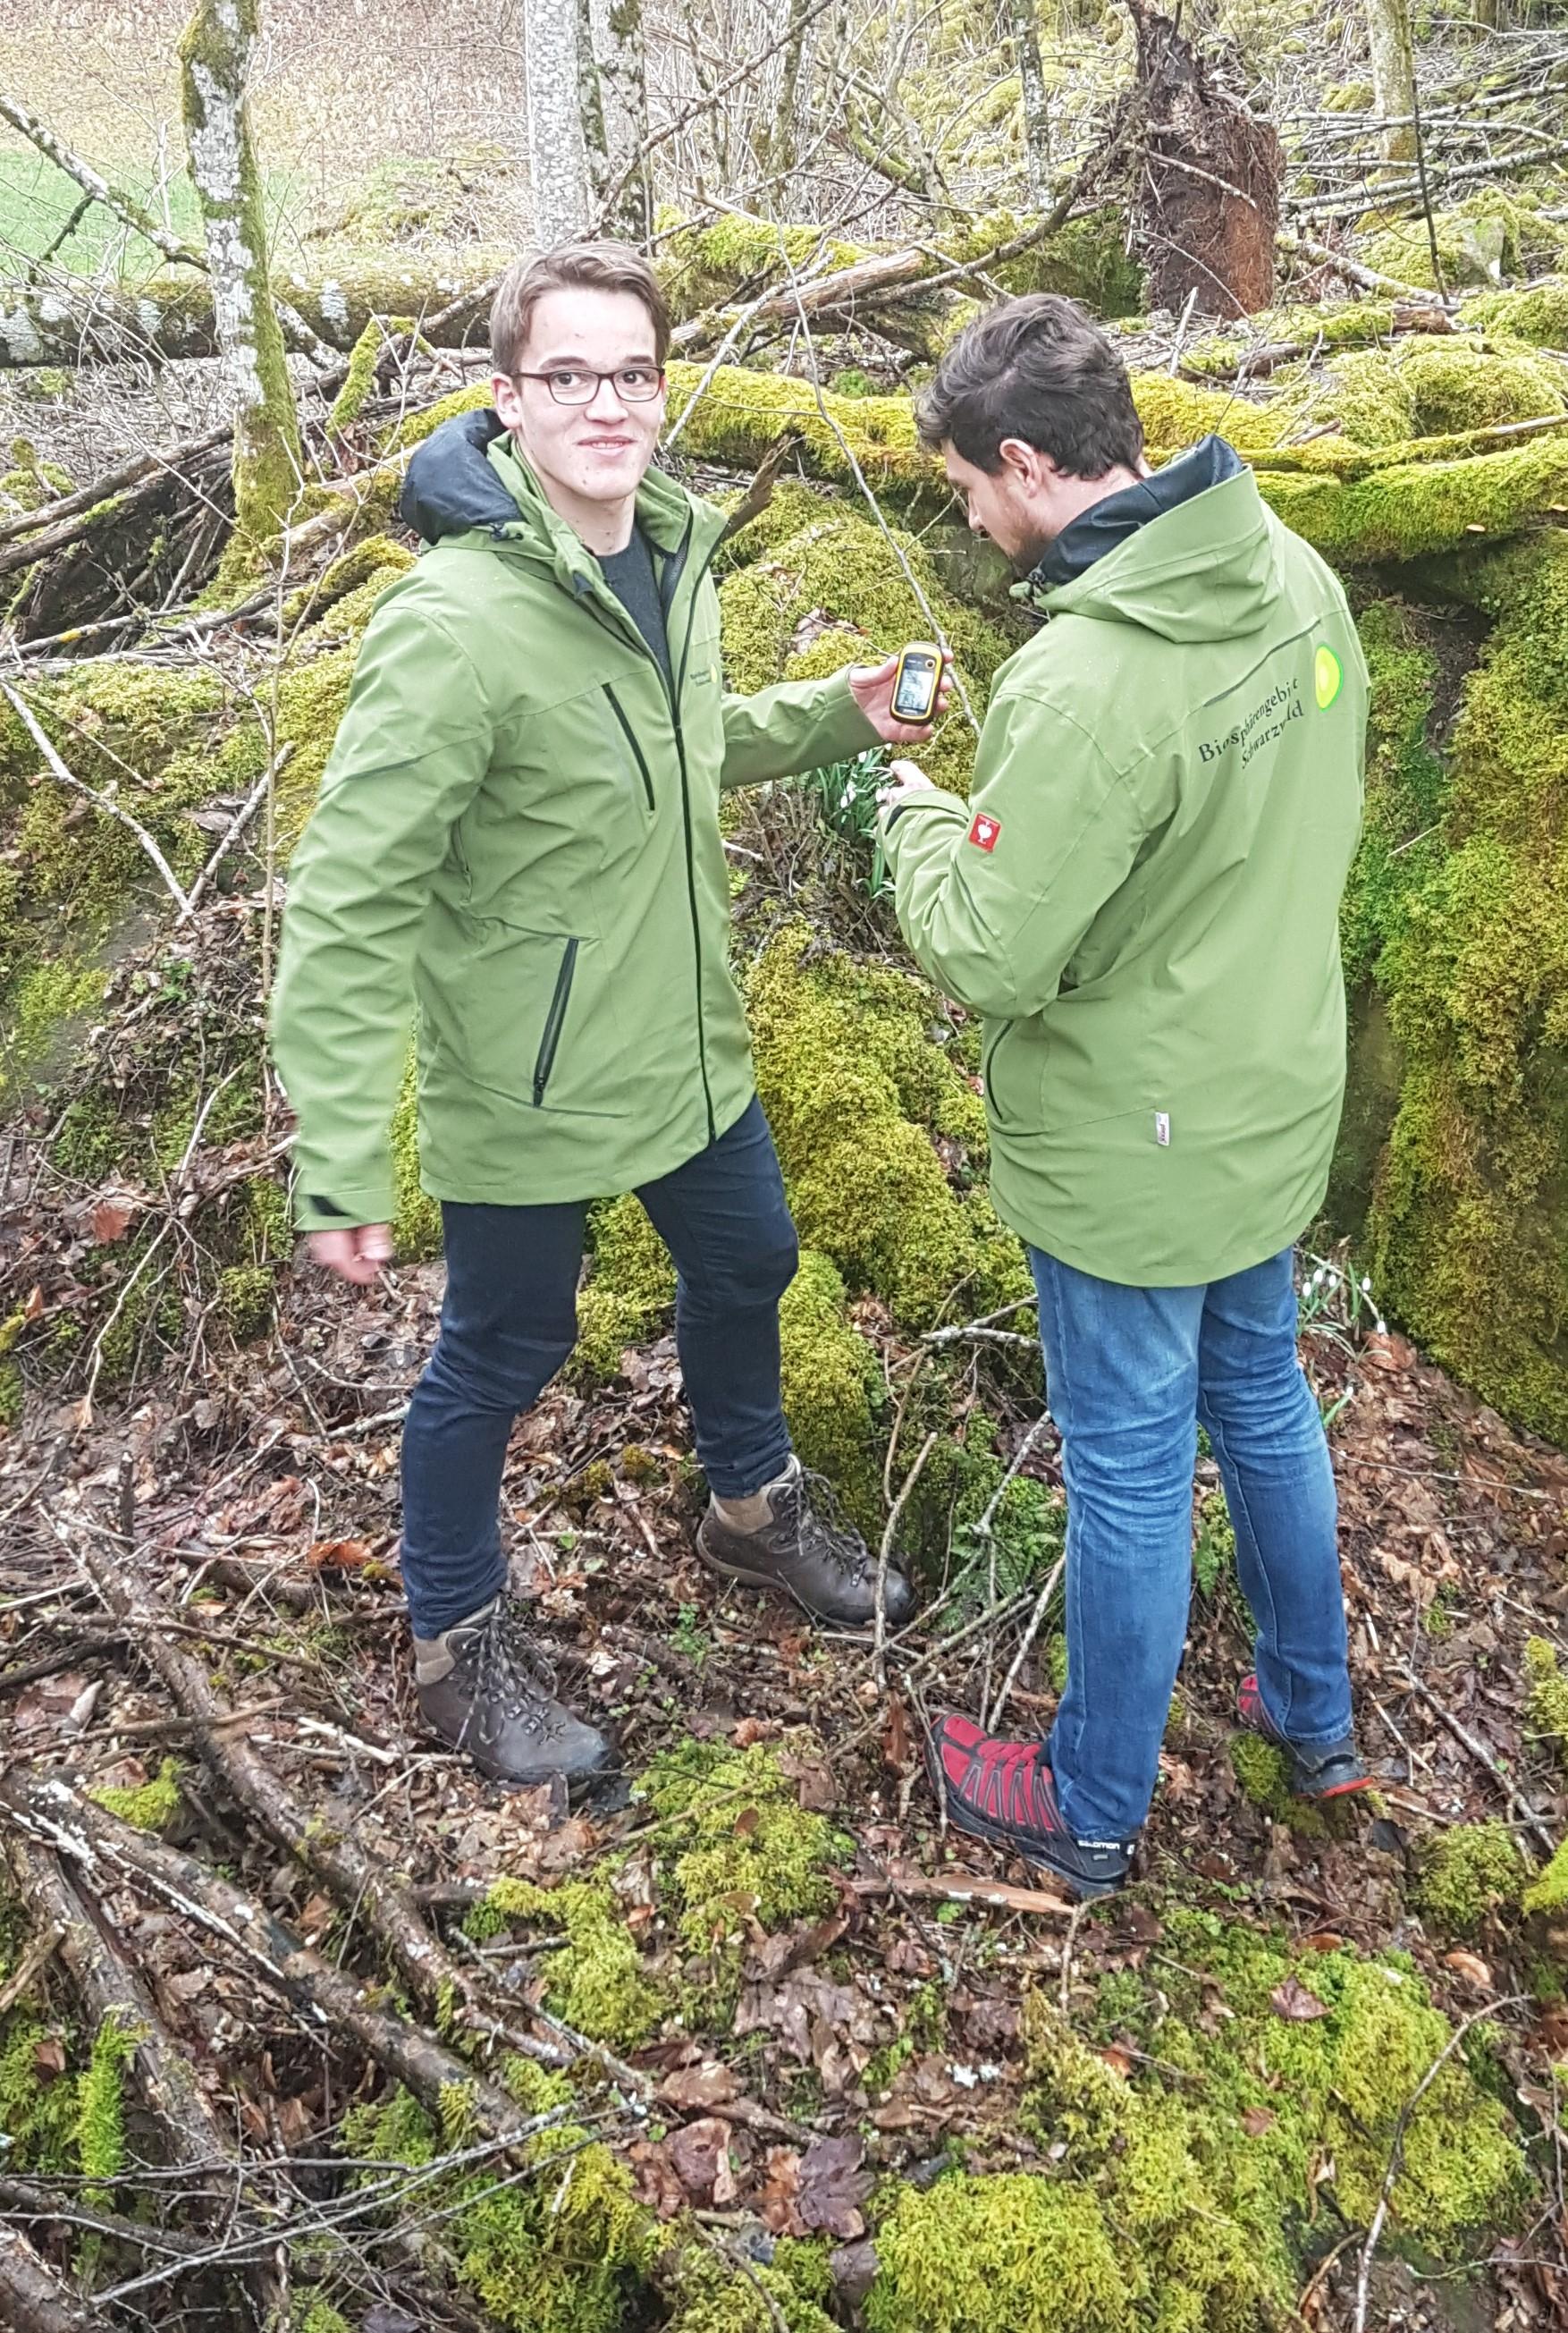 Neue Erfahrungen gesucht? Biosphärengebiet Schwarzwald schreibt zusätzliche Stelle für Freiwilliges Ökologisches Jahr (FÖJ) aus